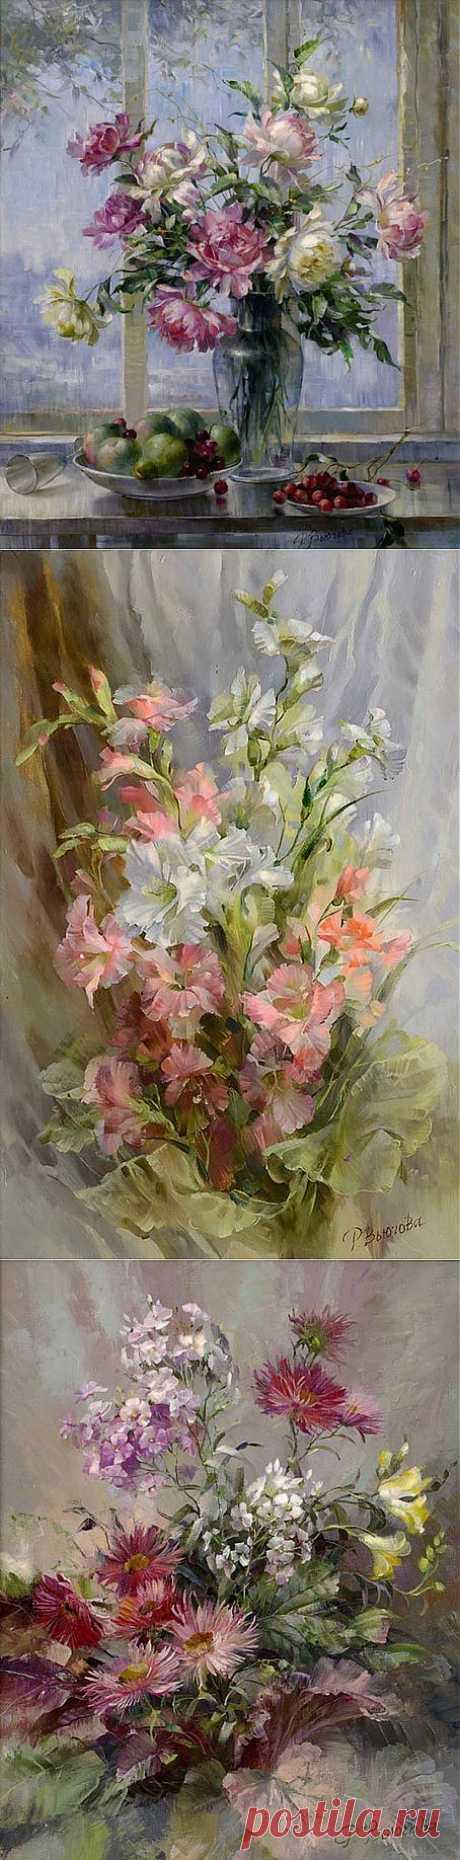 И снова цветы для декупажа. / Декупаж. Мастер-классы / PassionForum - мастер-классы по рукоделию